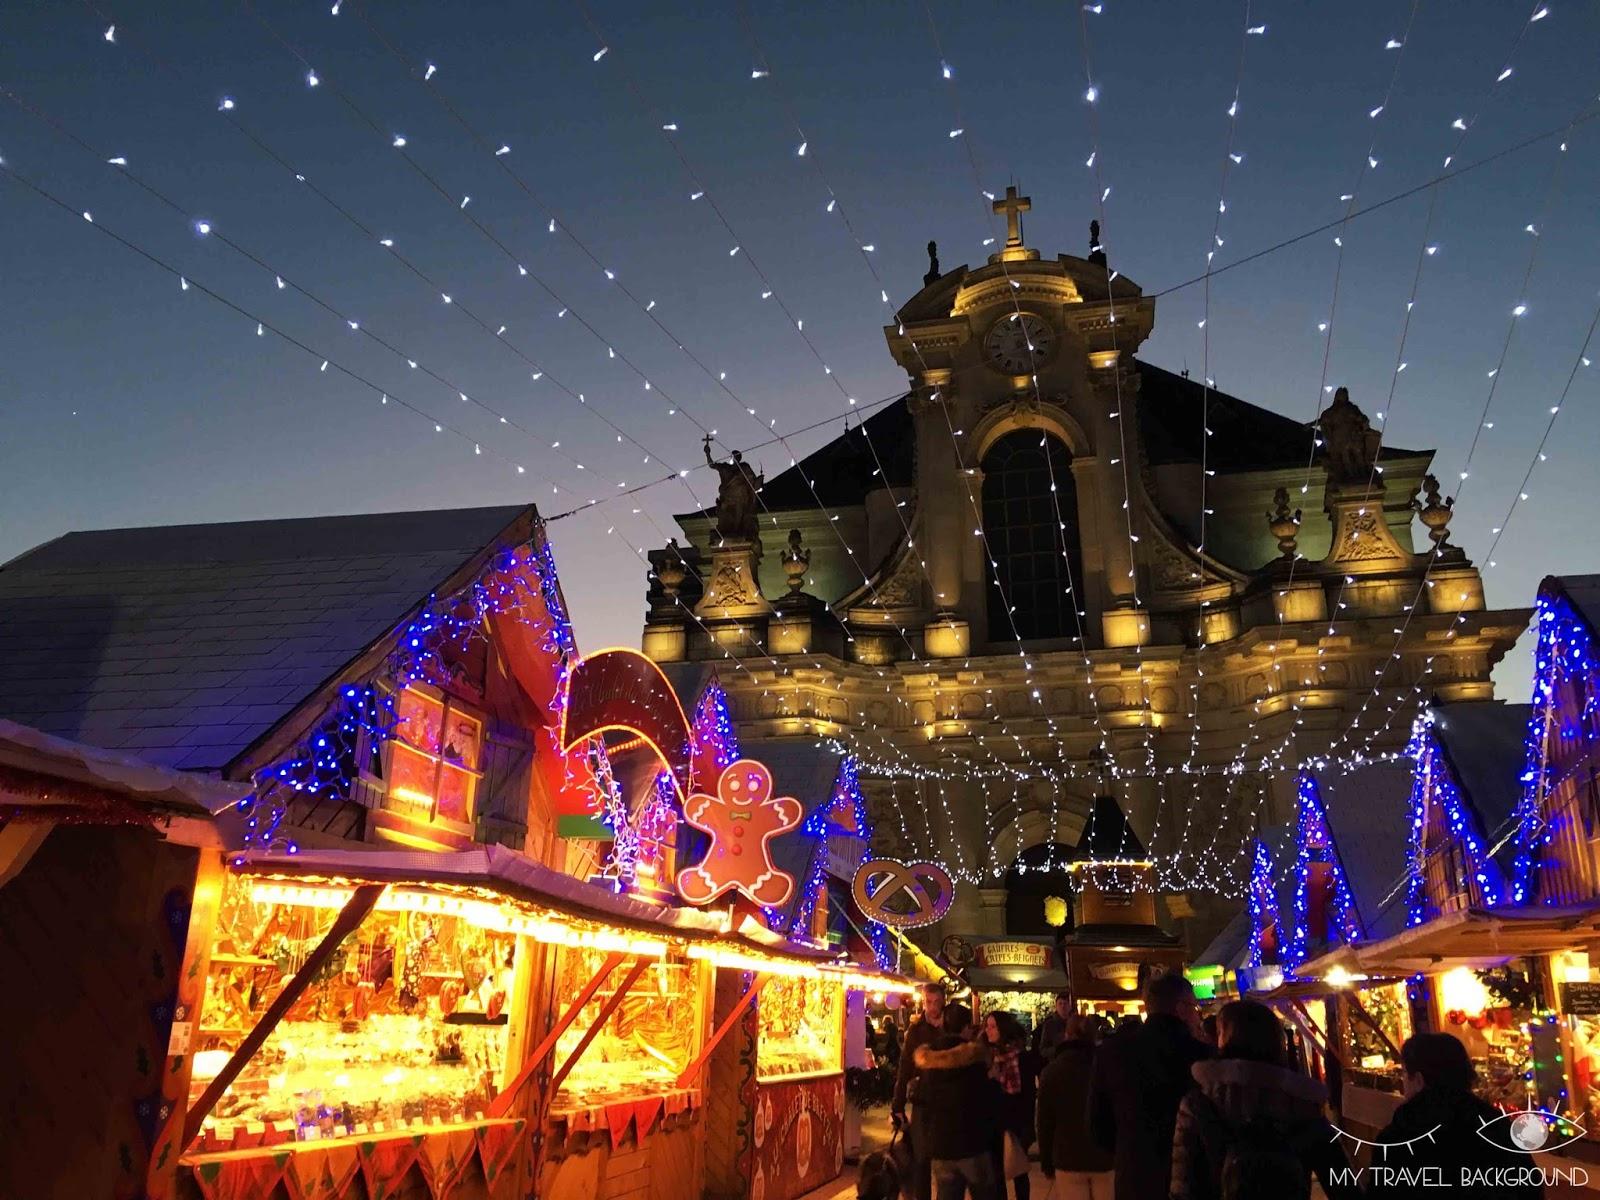 My Travel Background : Les trésors de la Lorraine (je vous emmène en Lorraine) - Marché de Noël de Nancy